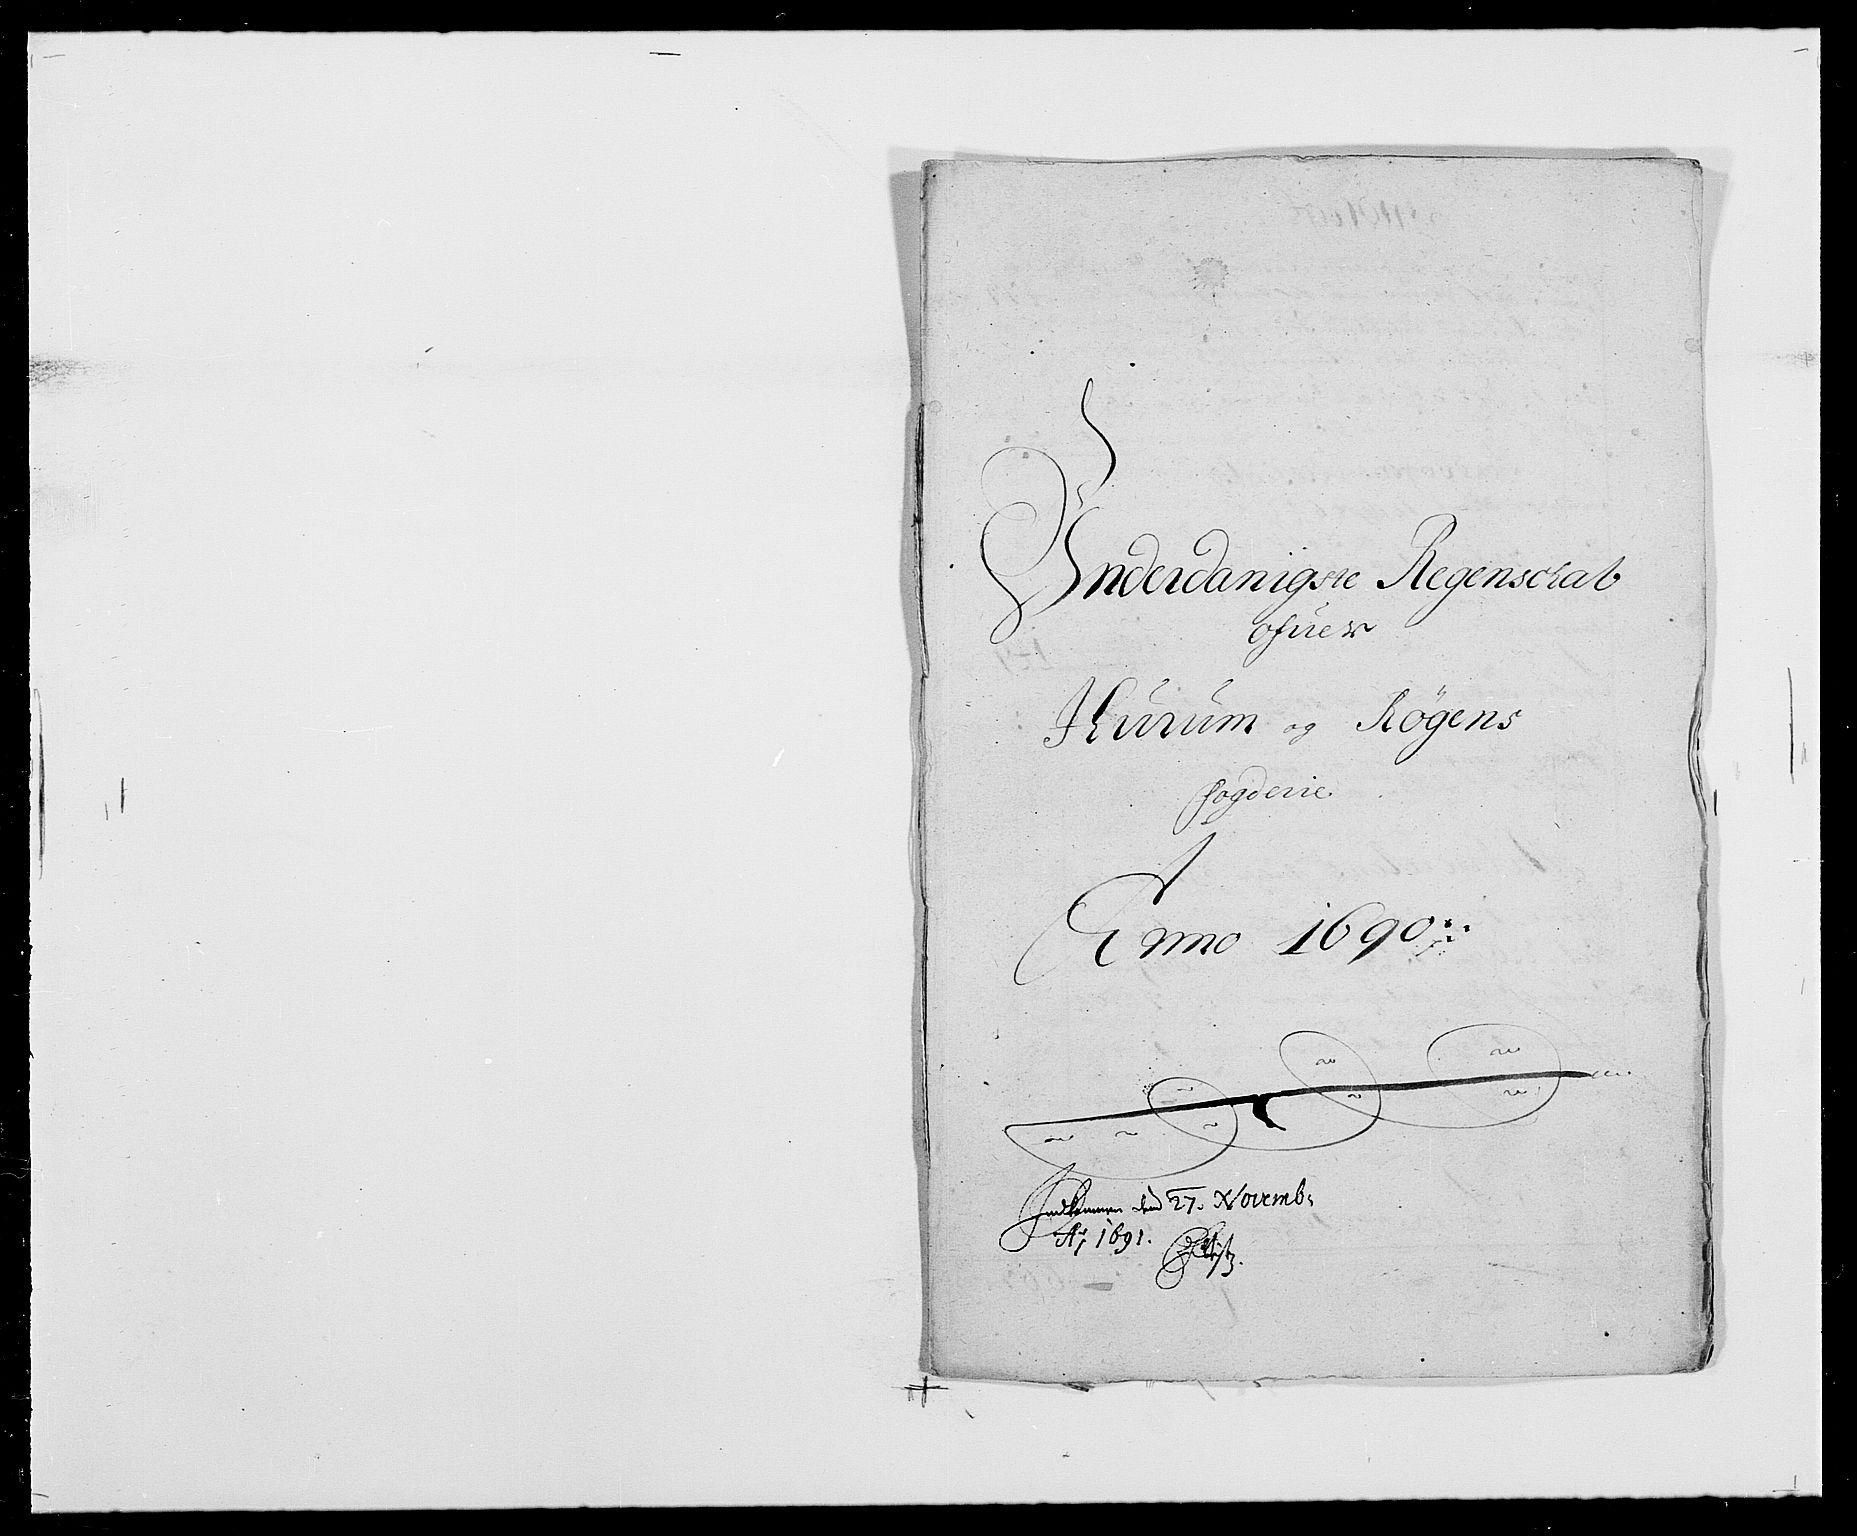 RA, Rentekammeret inntil 1814, Reviderte regnskaper, Fogderegnskap, R29/L1693: Fogderegnskap Hurum og Røyken, 1688-1693, s. 141